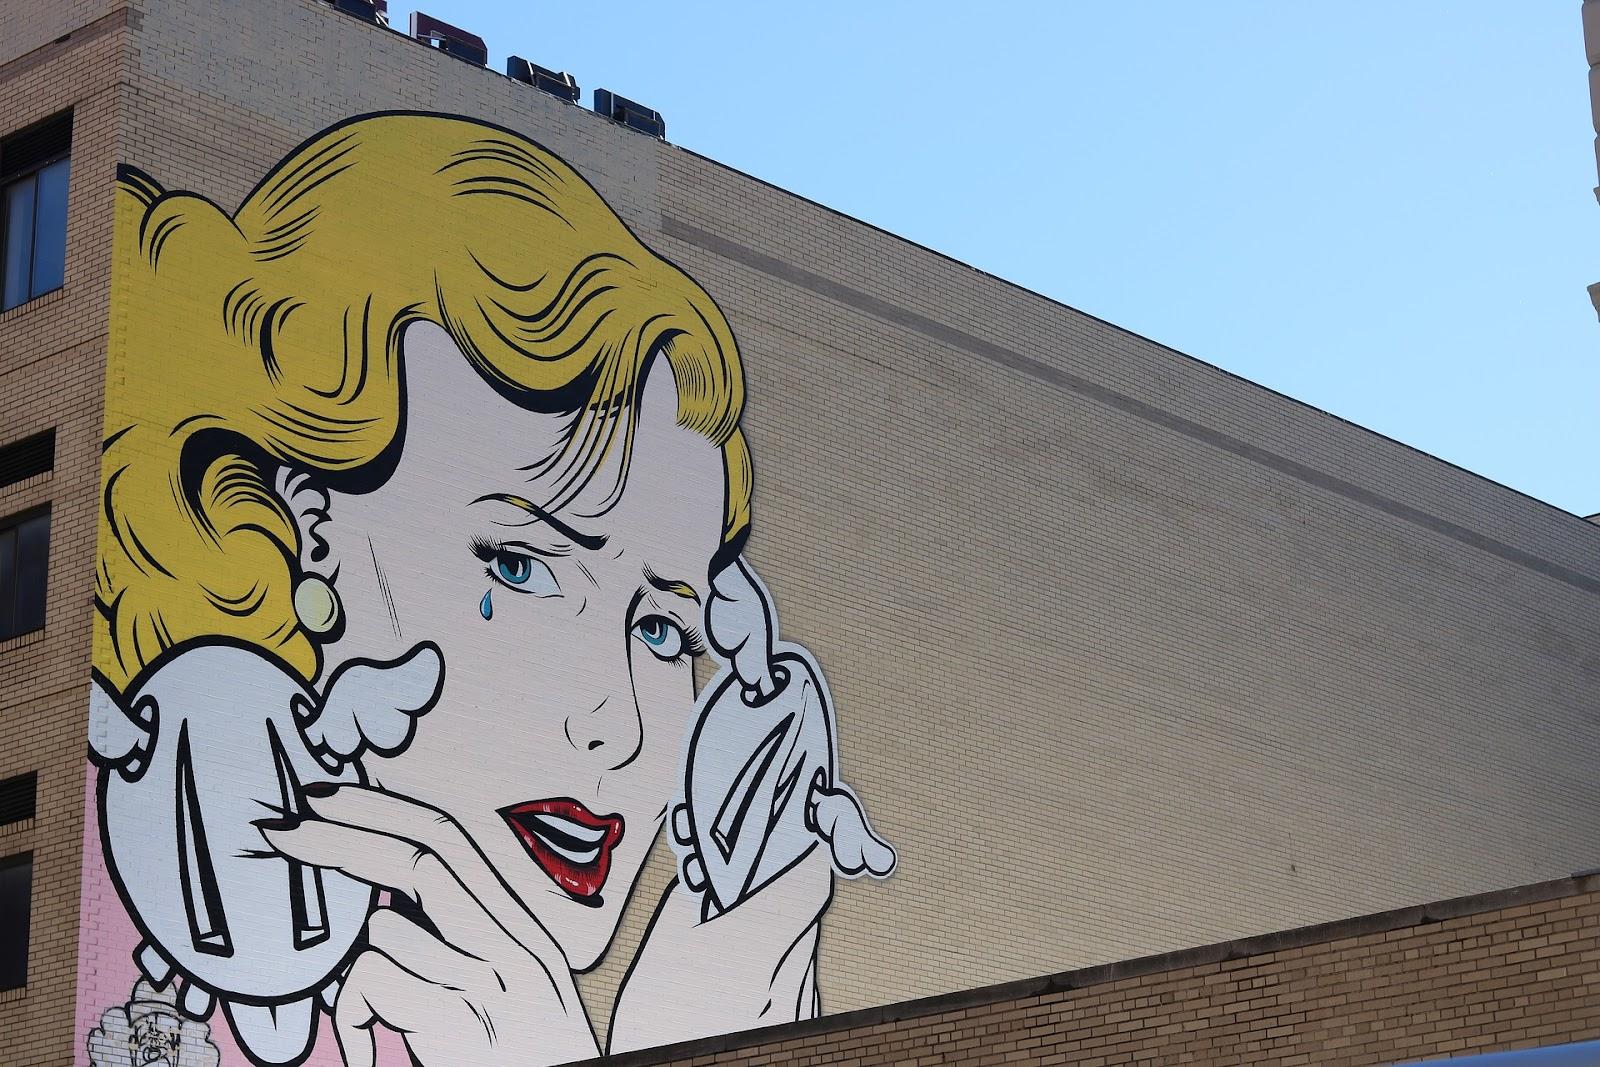 Un visage de femme peint sur une façade